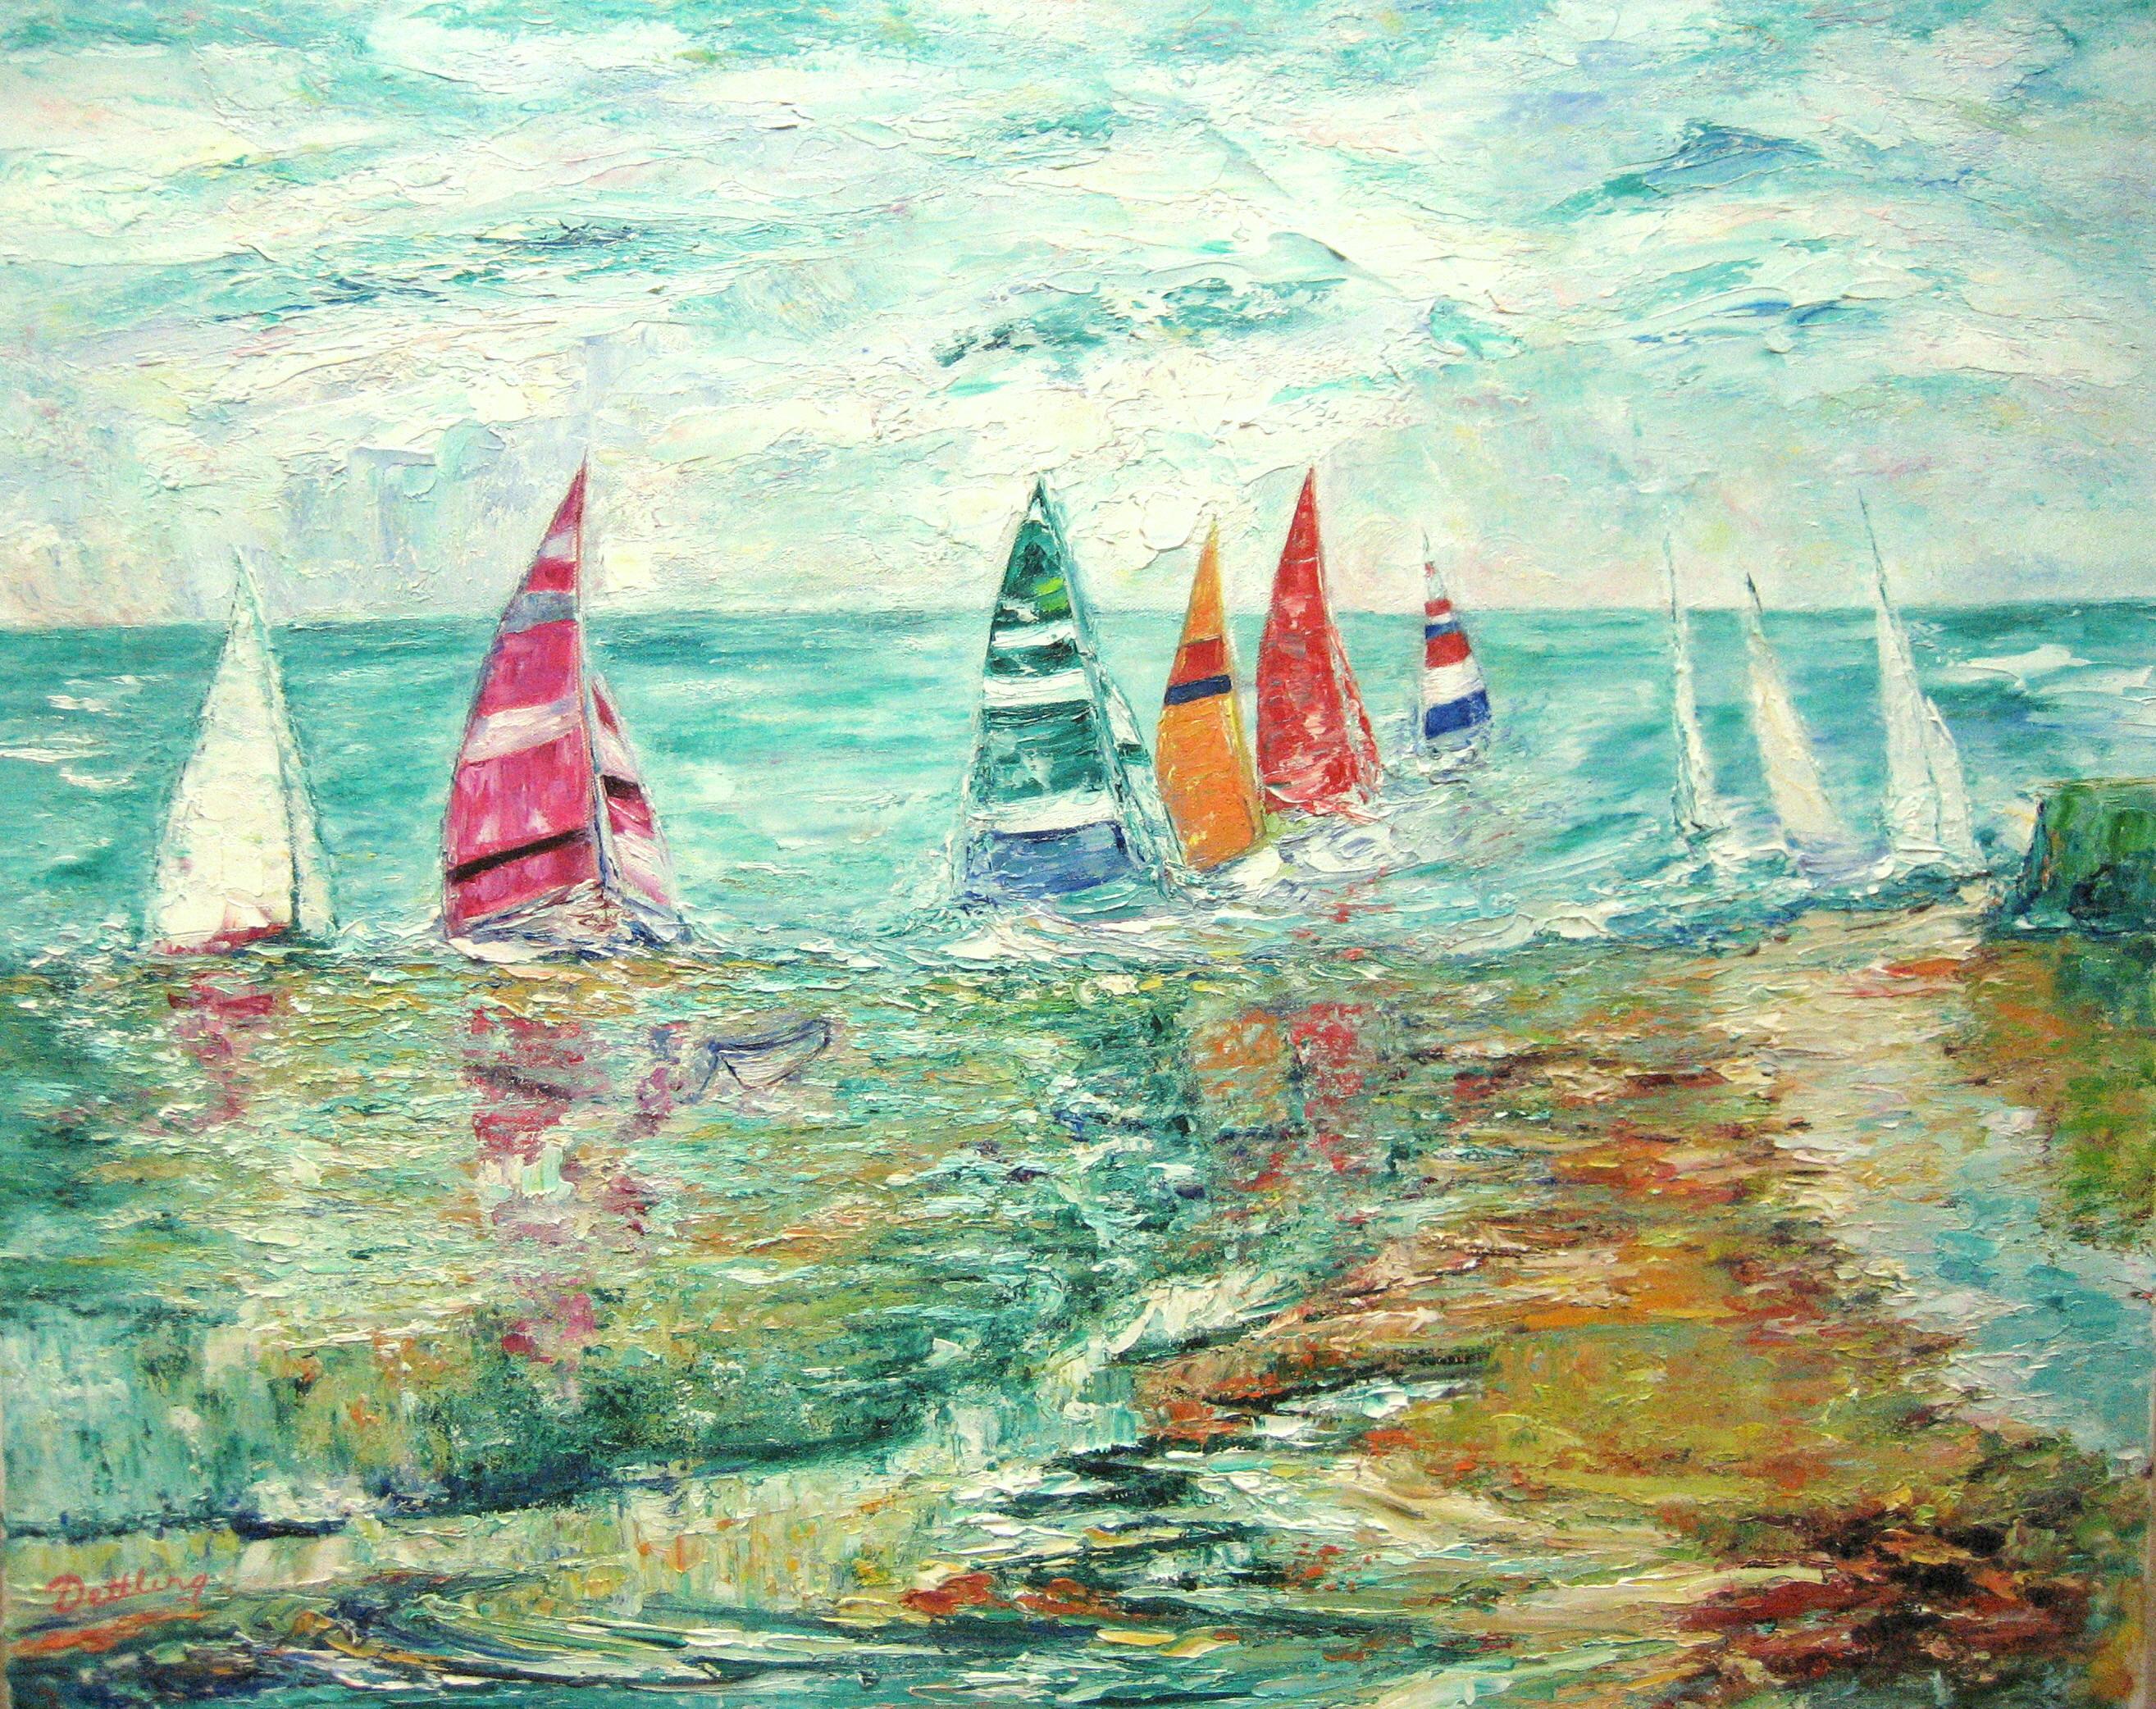 The Race 24x30